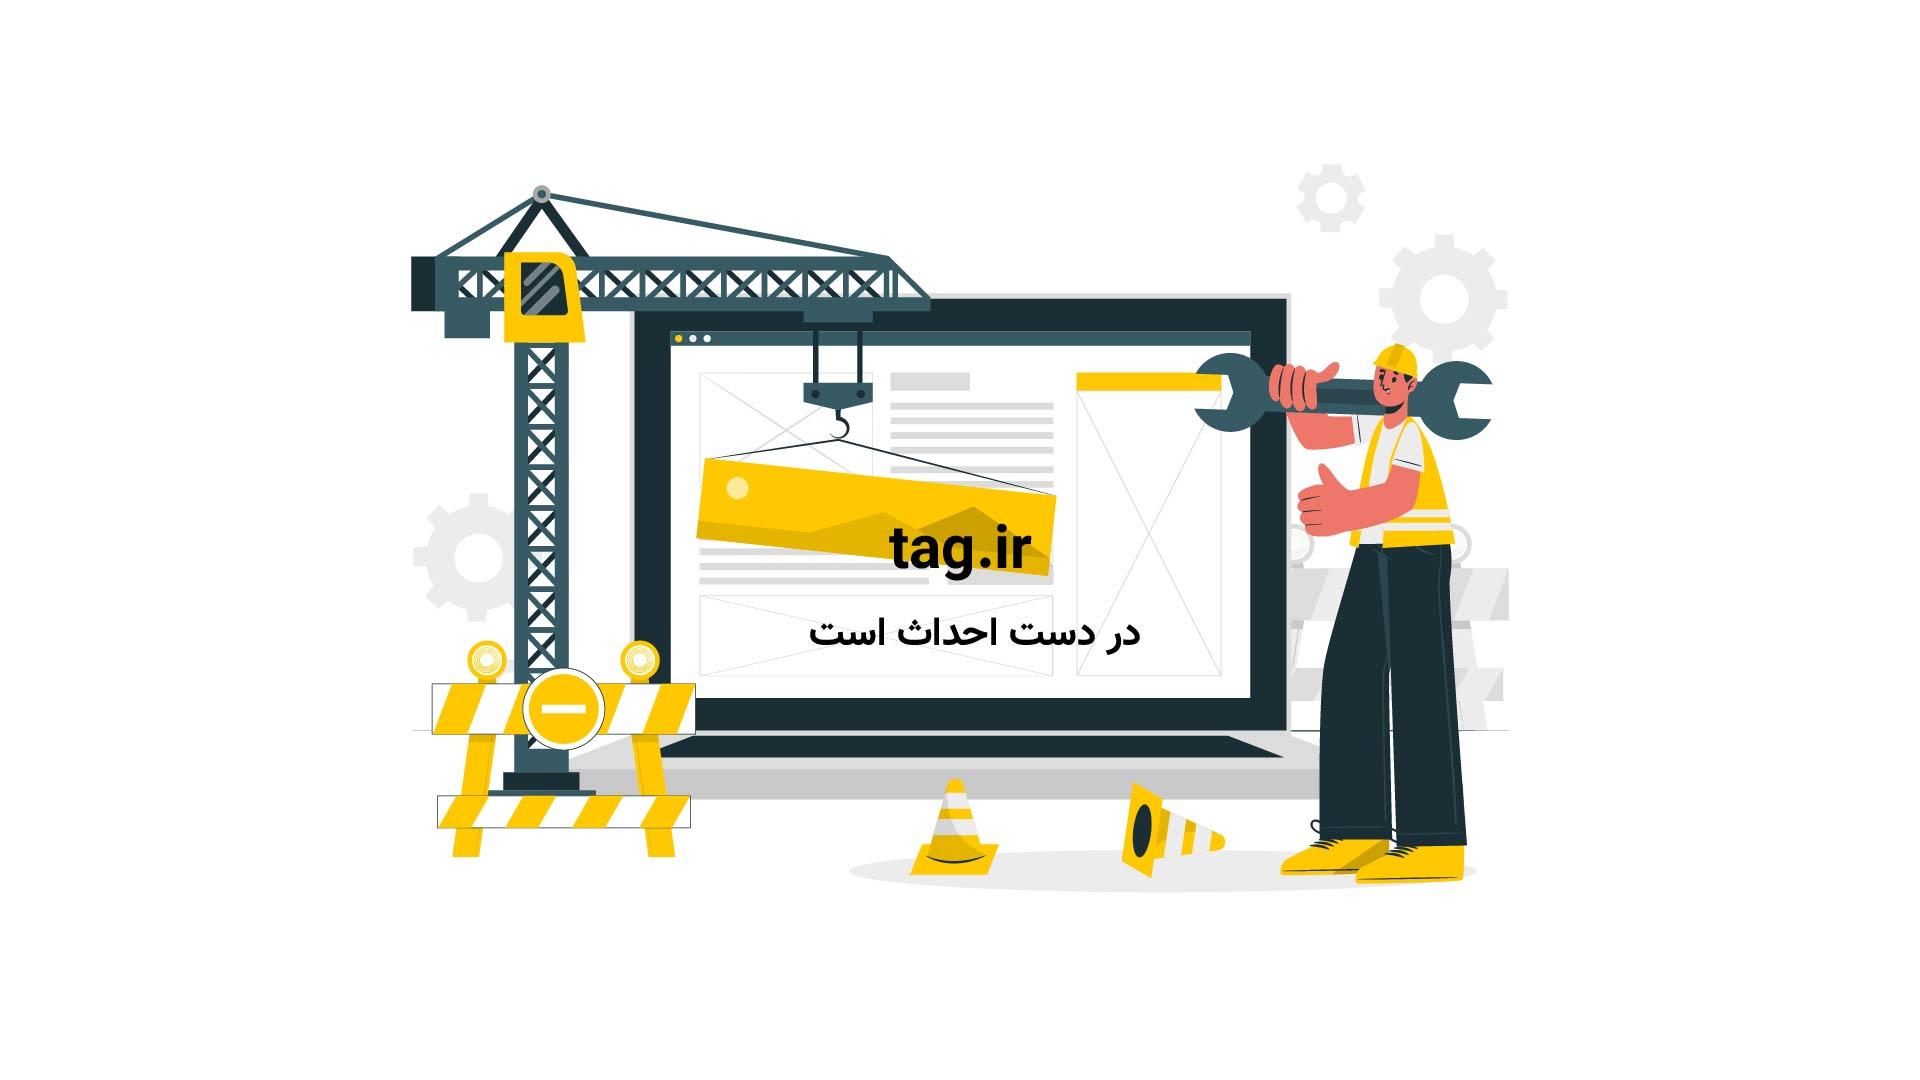 آیا اهرام مصر چیزی غیر از مقبره بوده اند | فیلم